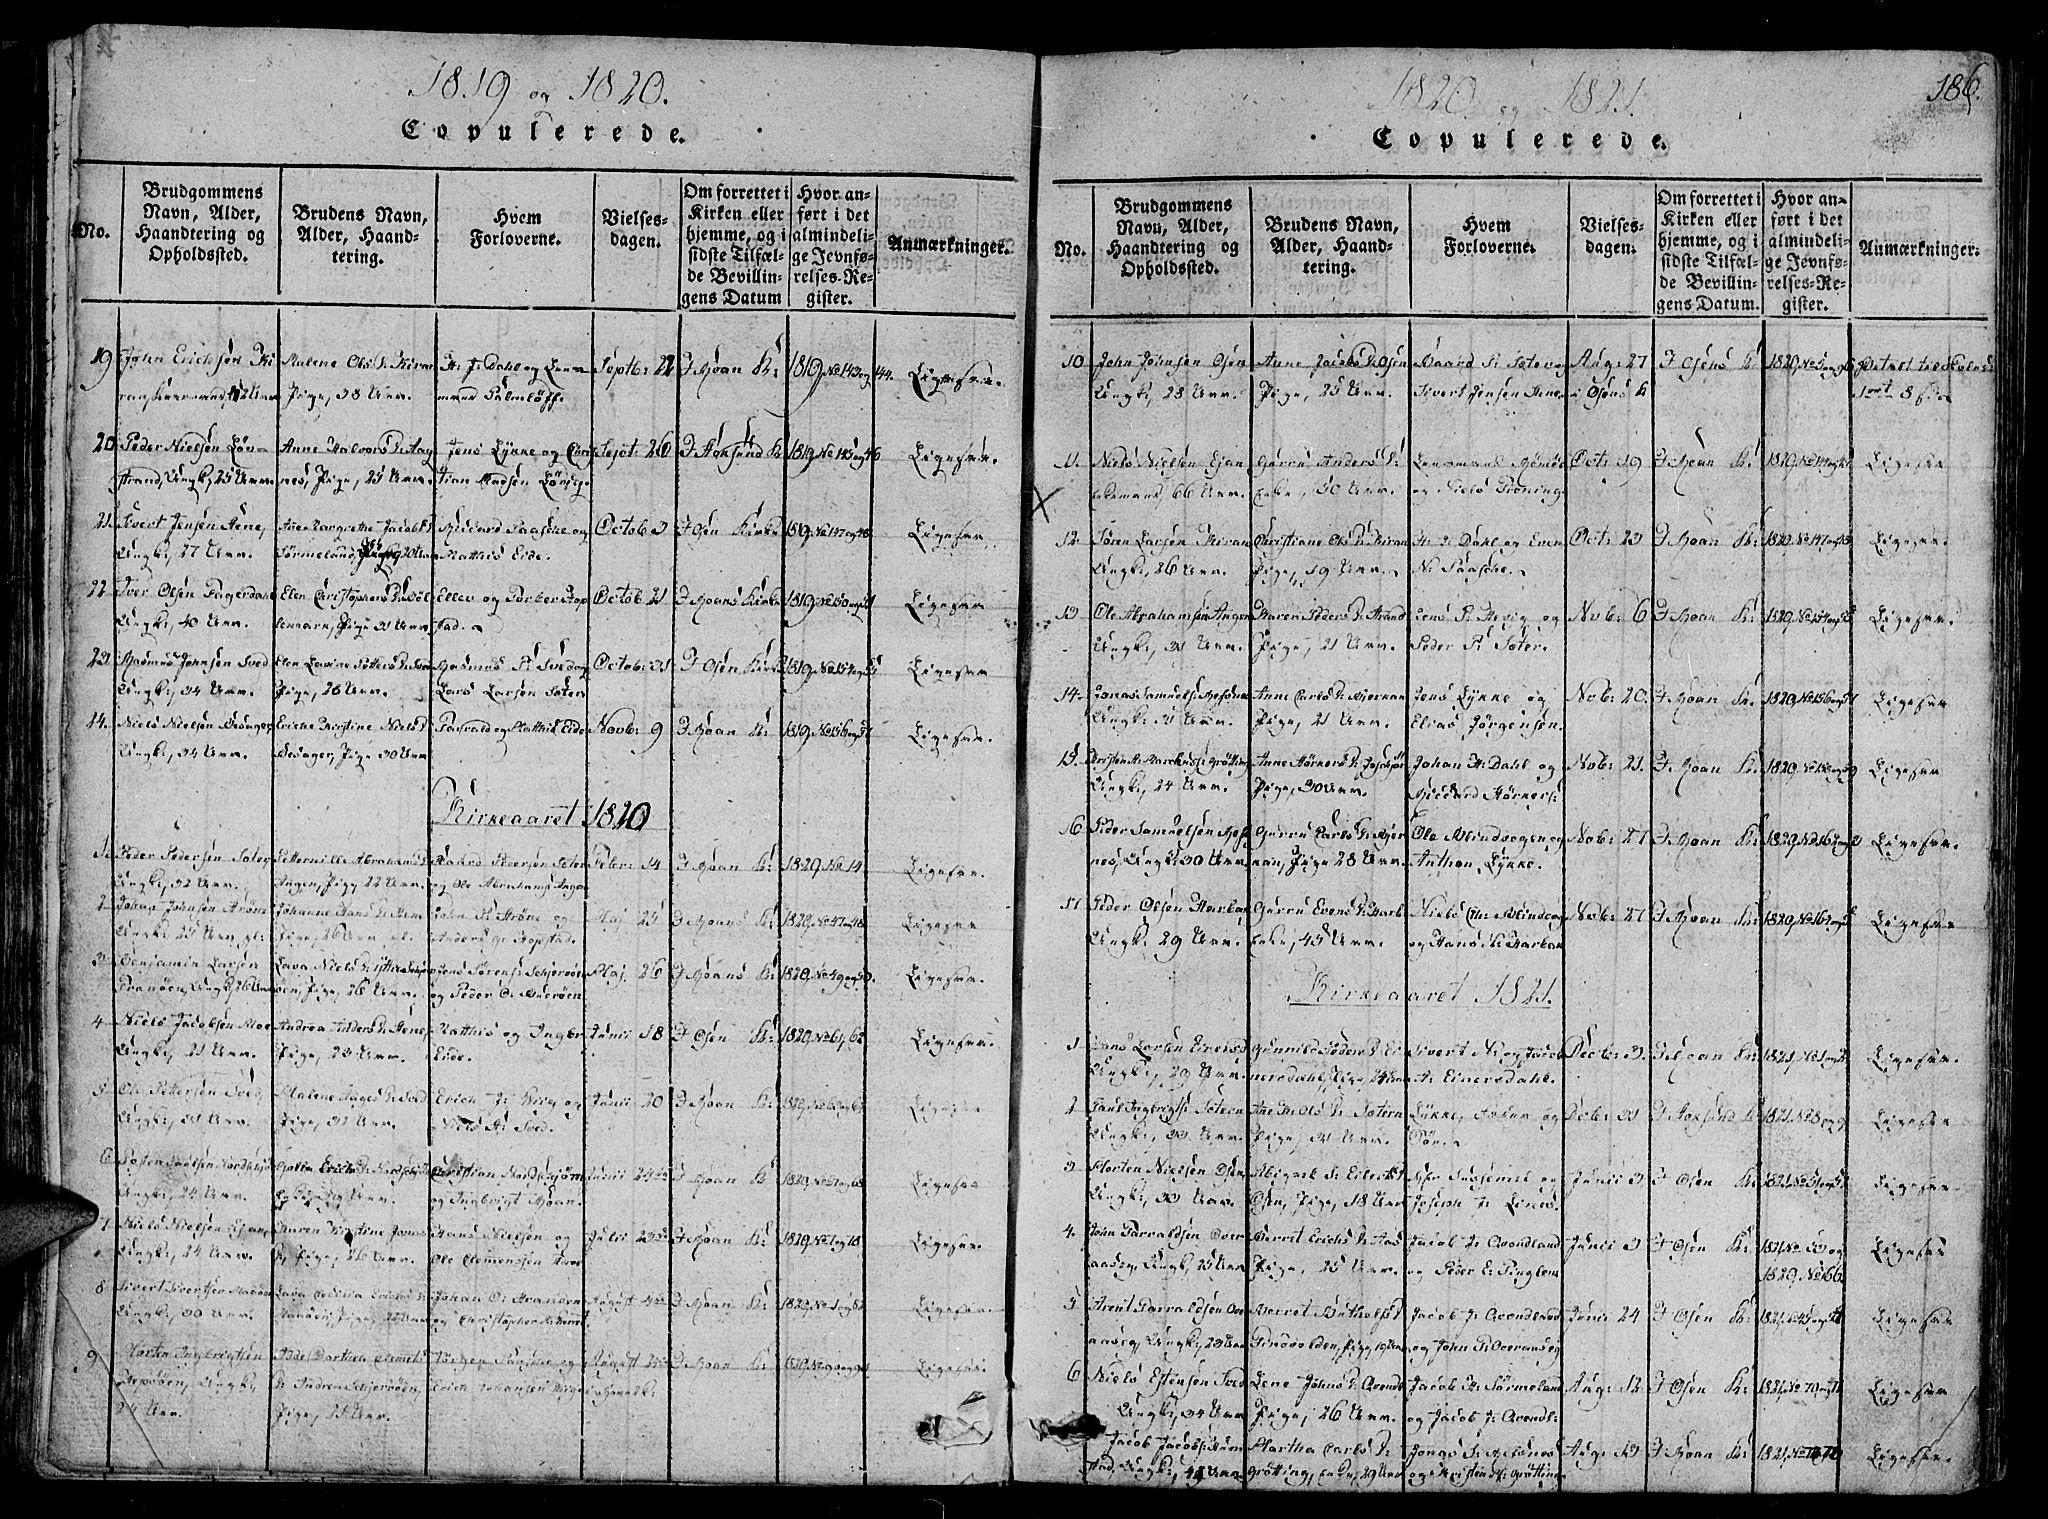 SAT, Ministerialprotokoller, klokkerbøker og fødselsregistre - Sør-Trøndelag, 657/L0702: Ministerialbok nr. 657A03, 1818-1831, s. 186